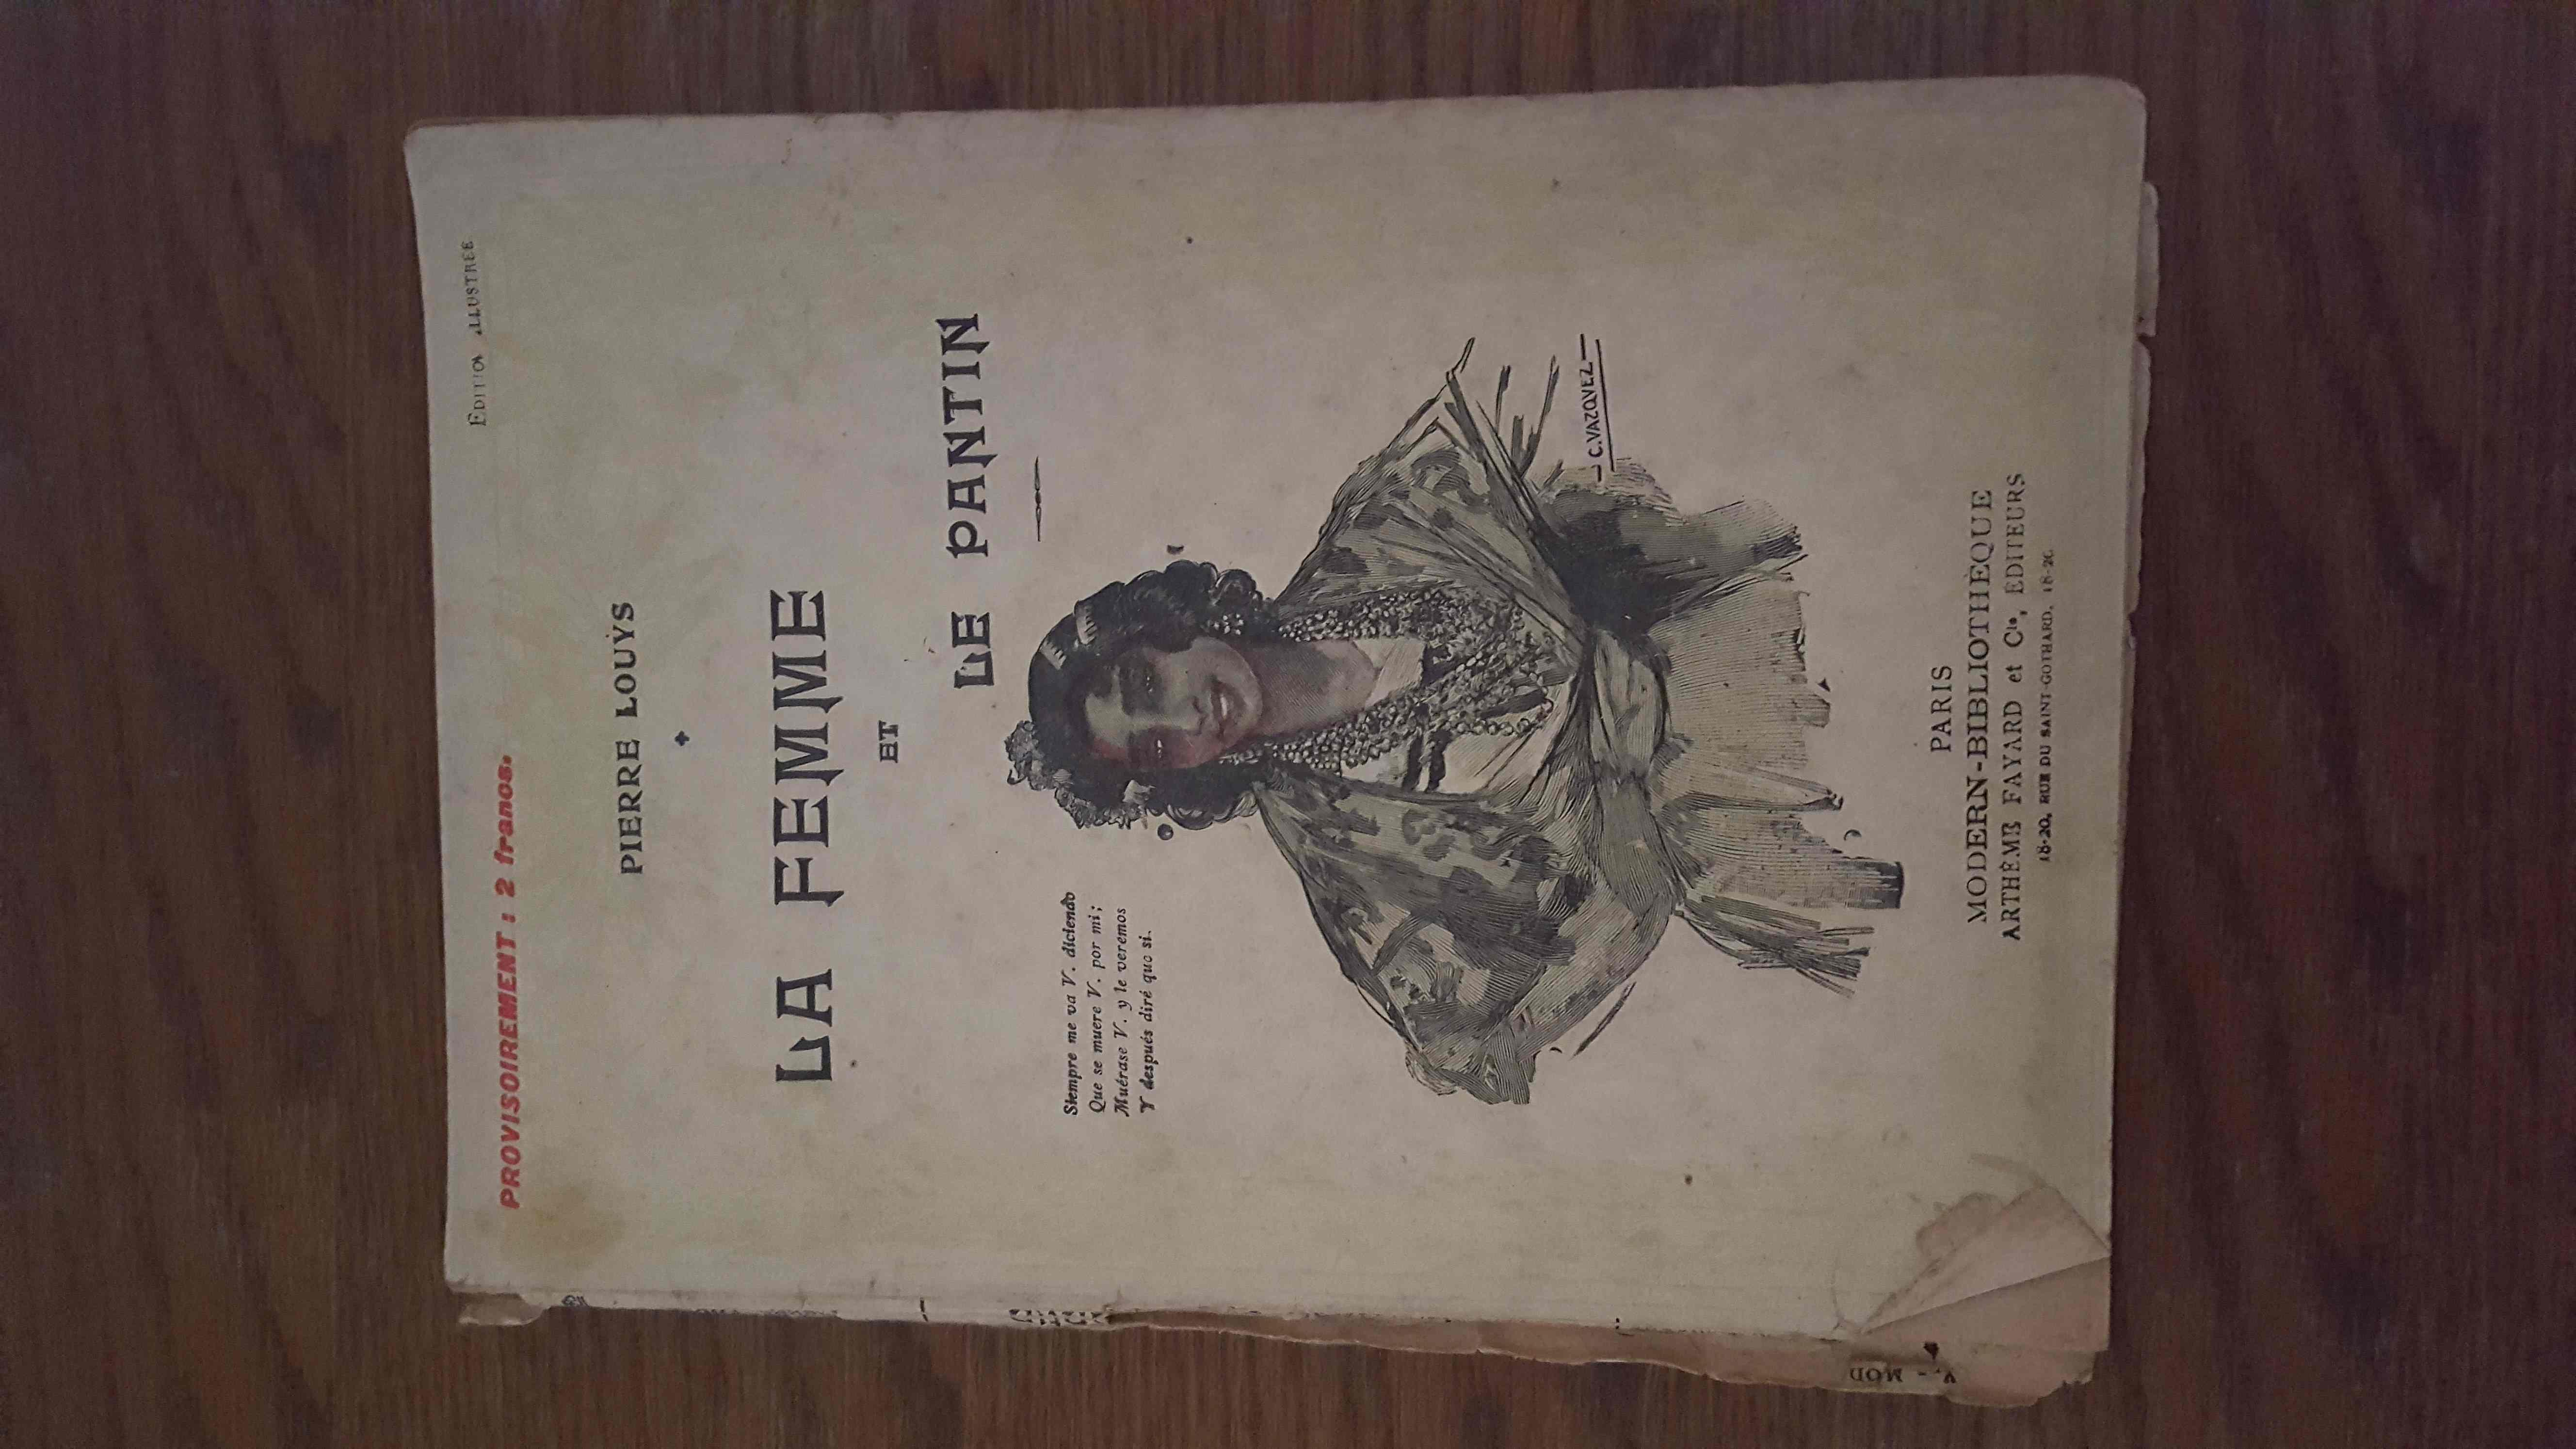 Louÿs LA FEMME ET LE PANTIN Illustré par Vasquez 1926 Fayard/Modern-Bibliothèque 5 Sens (89)